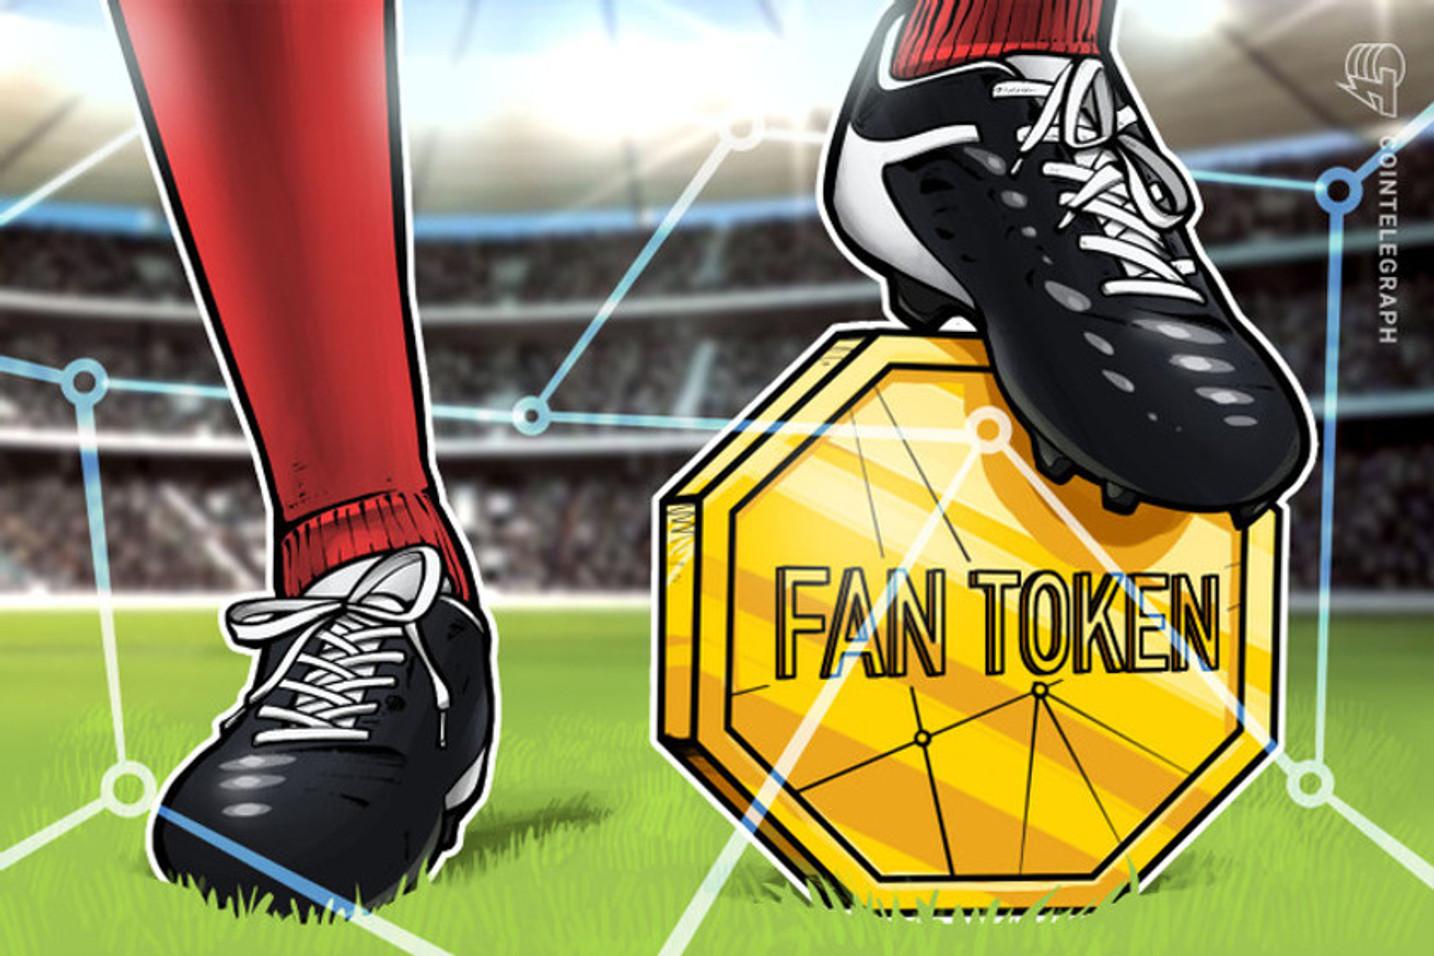 Desde Stocken Capital opinan que la tokenización puede ayudar a la recuperación del sector deportivo